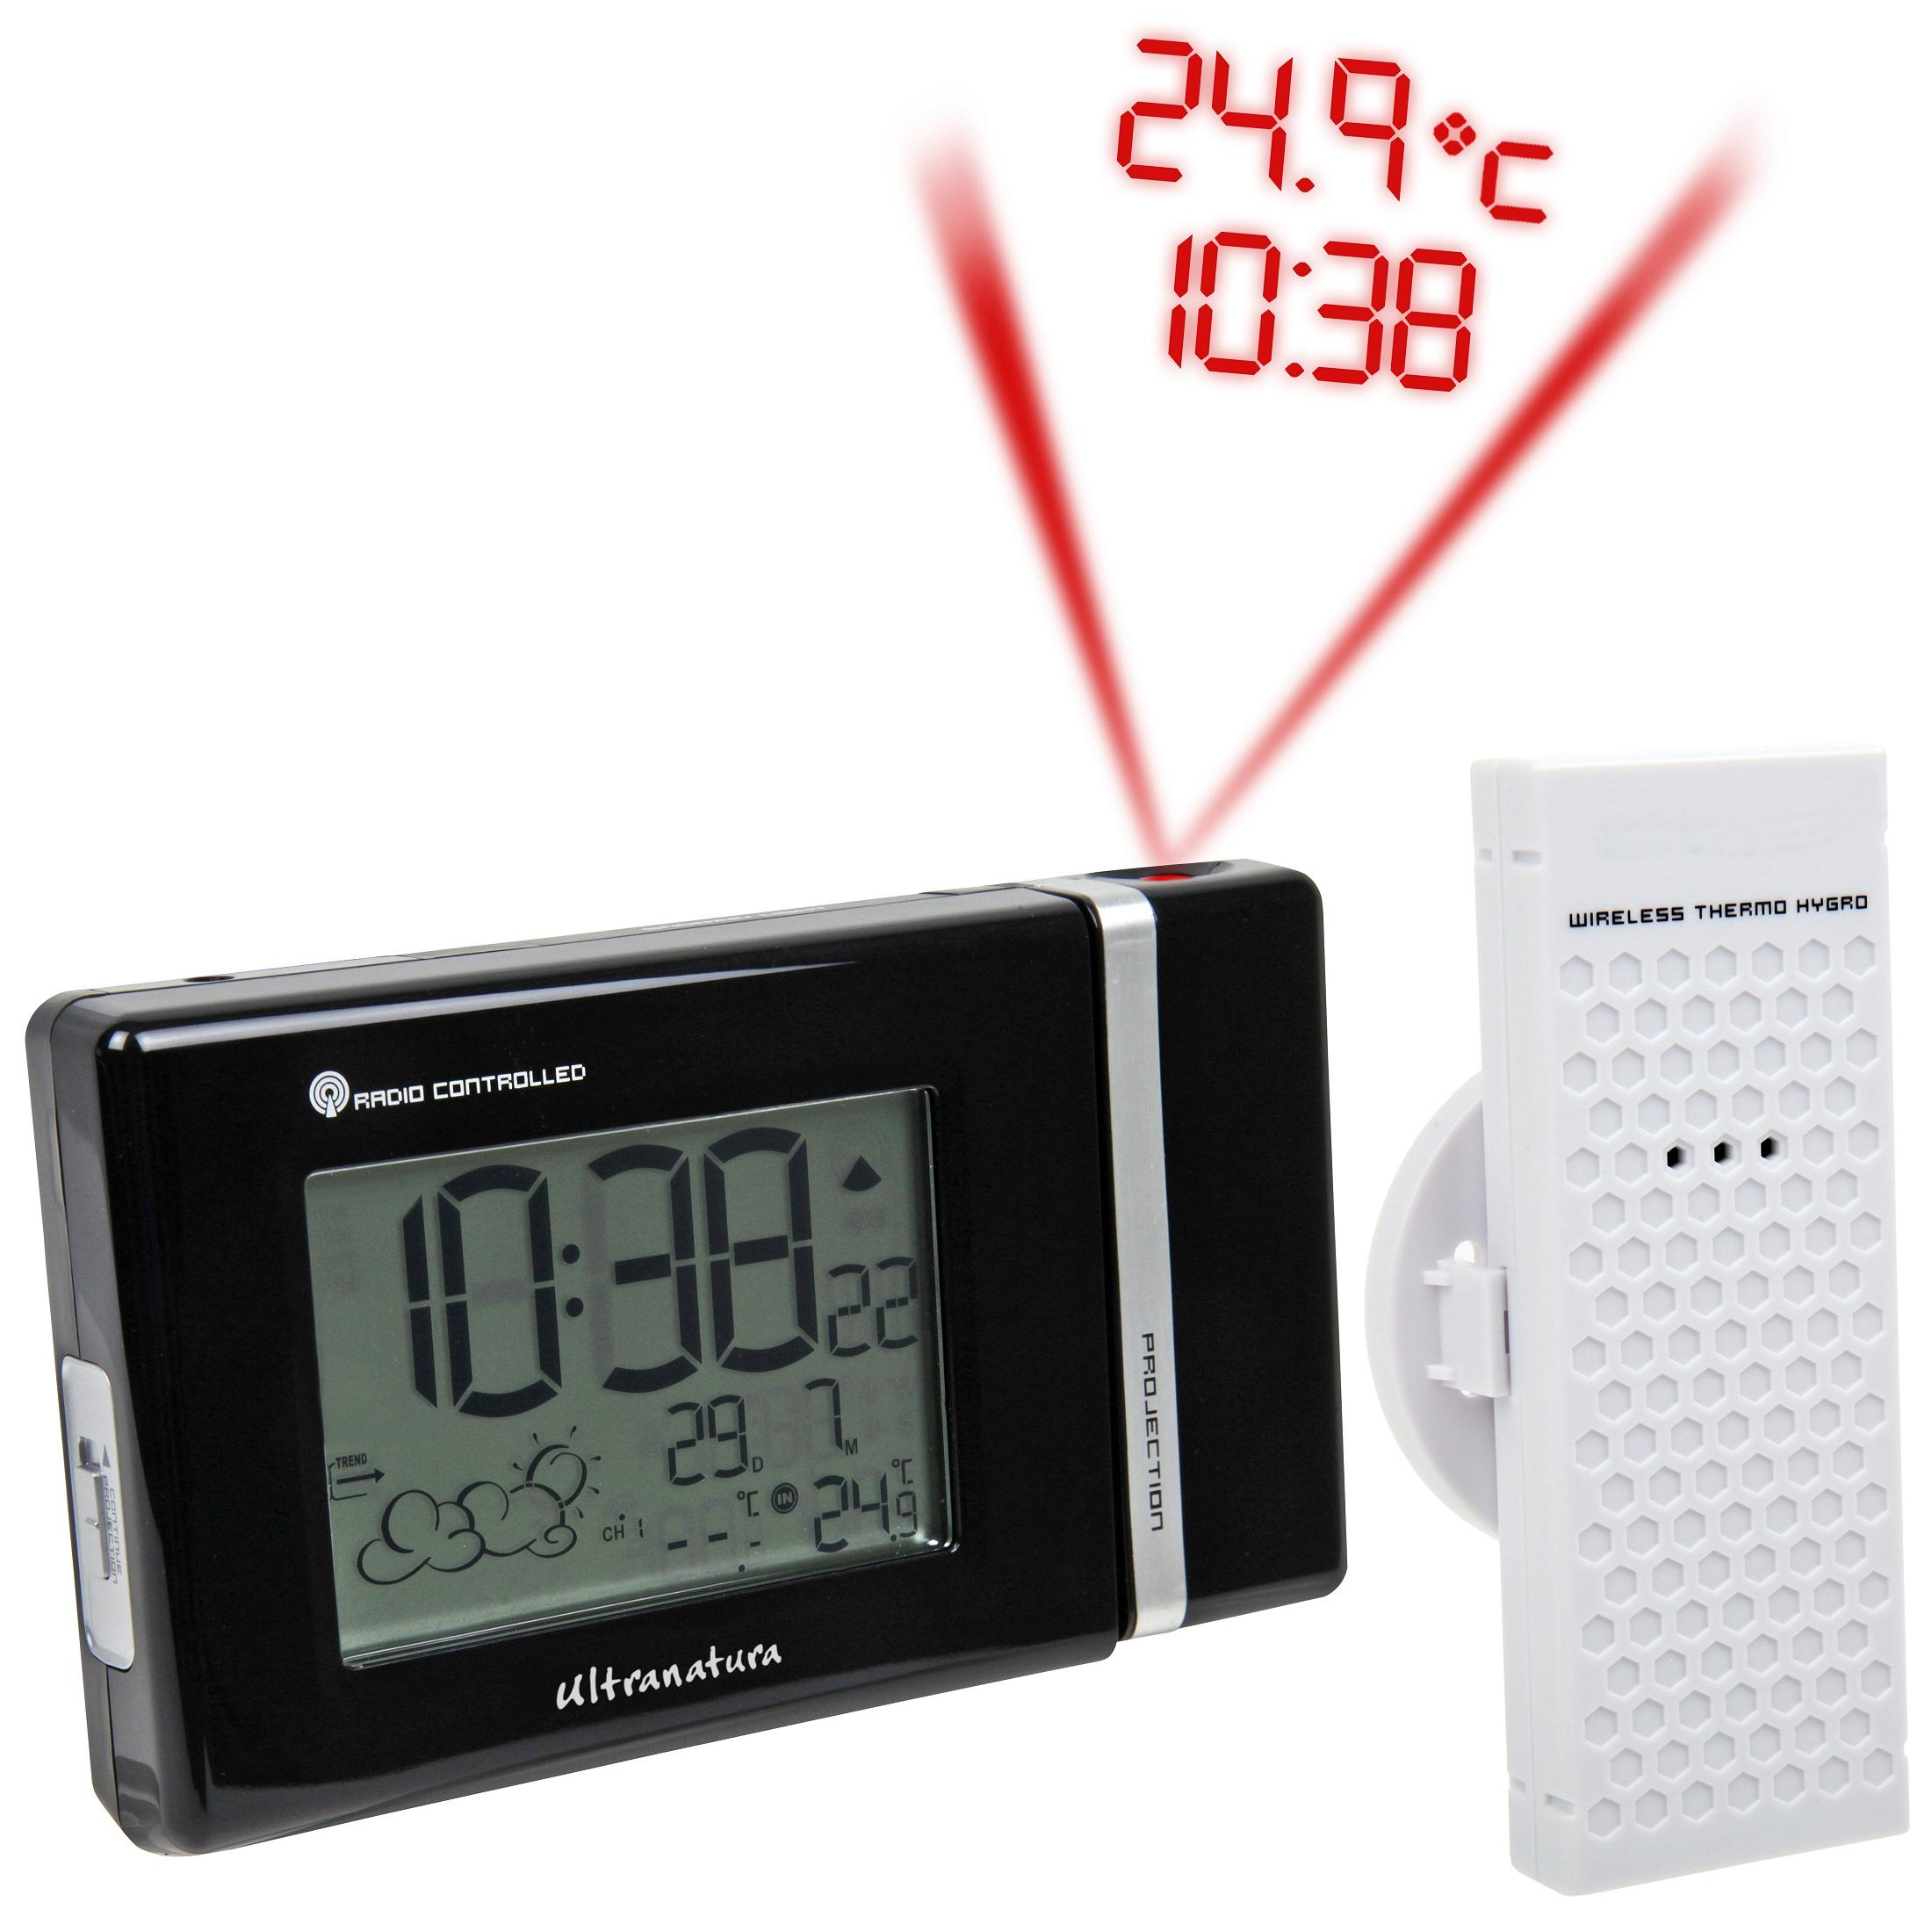 Ultranatura UN 600 - Reloj proyector Digital controlado por Radio ...